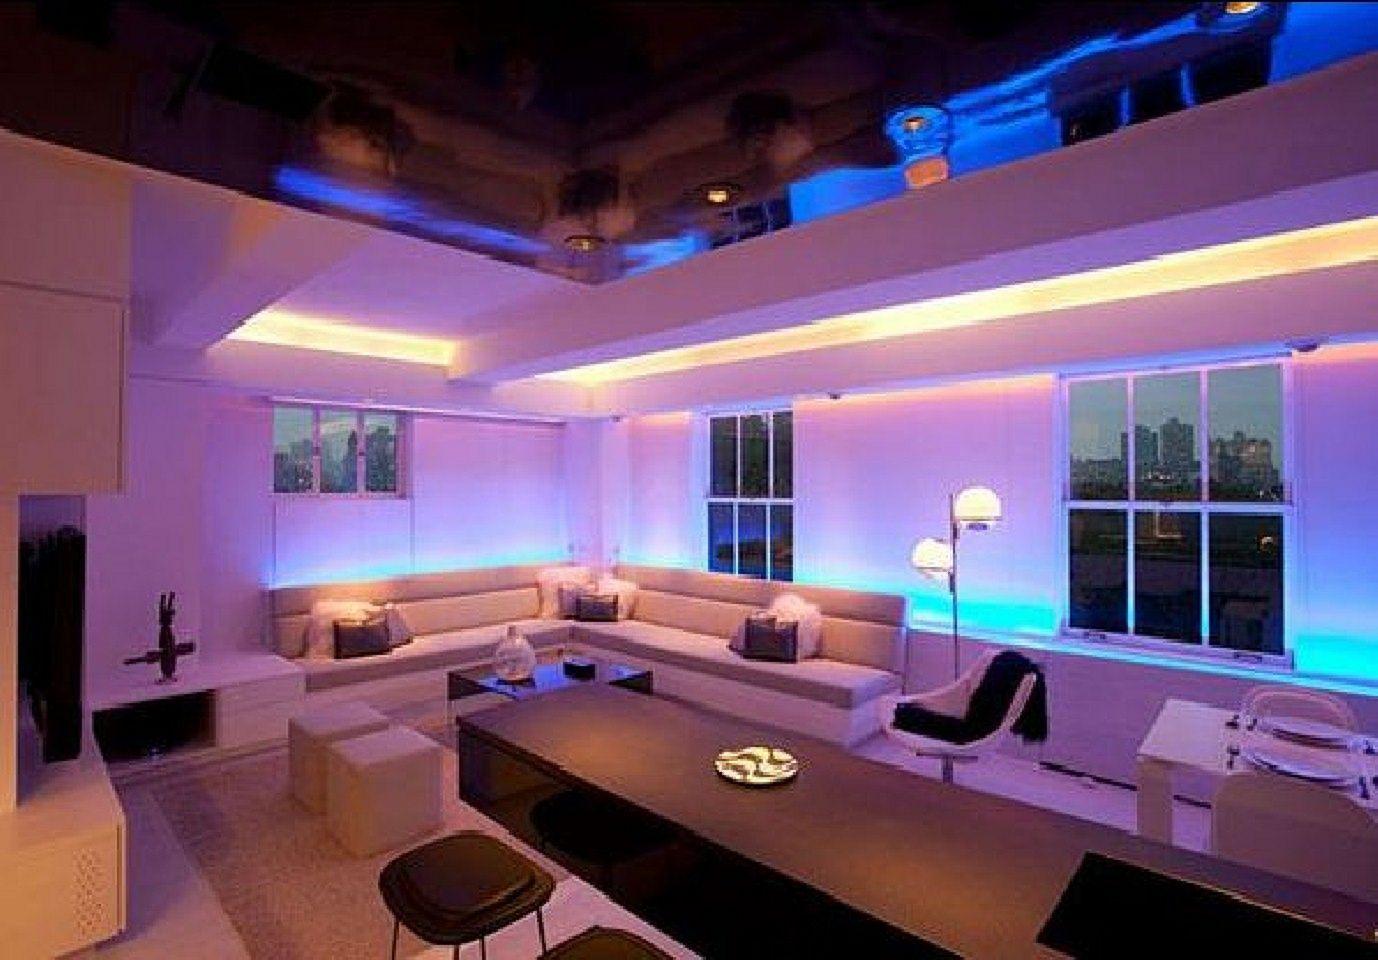 24 Best Home Improvement Ideas Trending On Pinterest Led Lighting Home Modern Apartment Furniture Lighting Design Interior